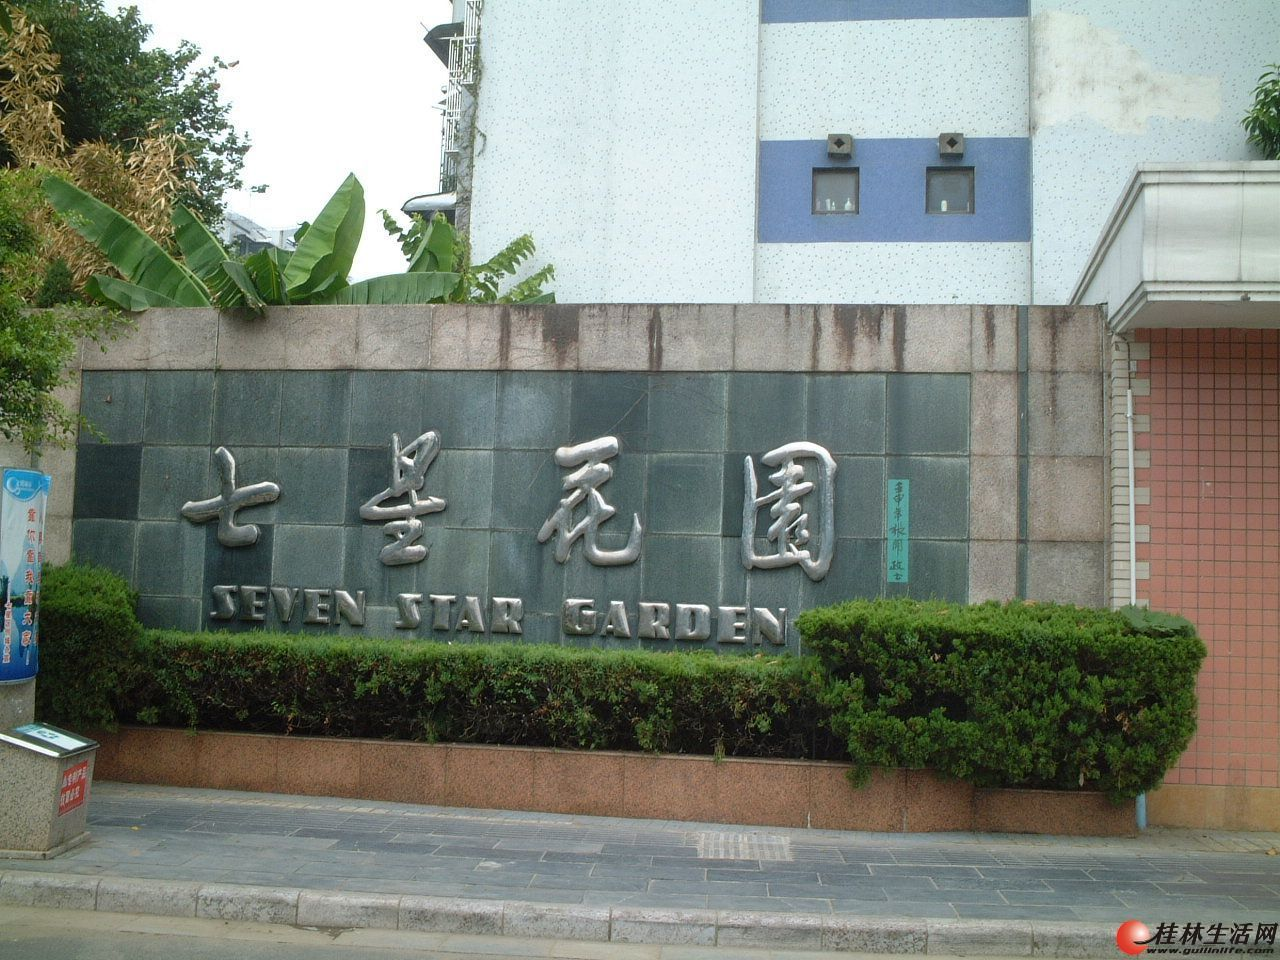 出售,七星花园,2房2厅1卫,78平, 1楼带40平米花园,53万急售